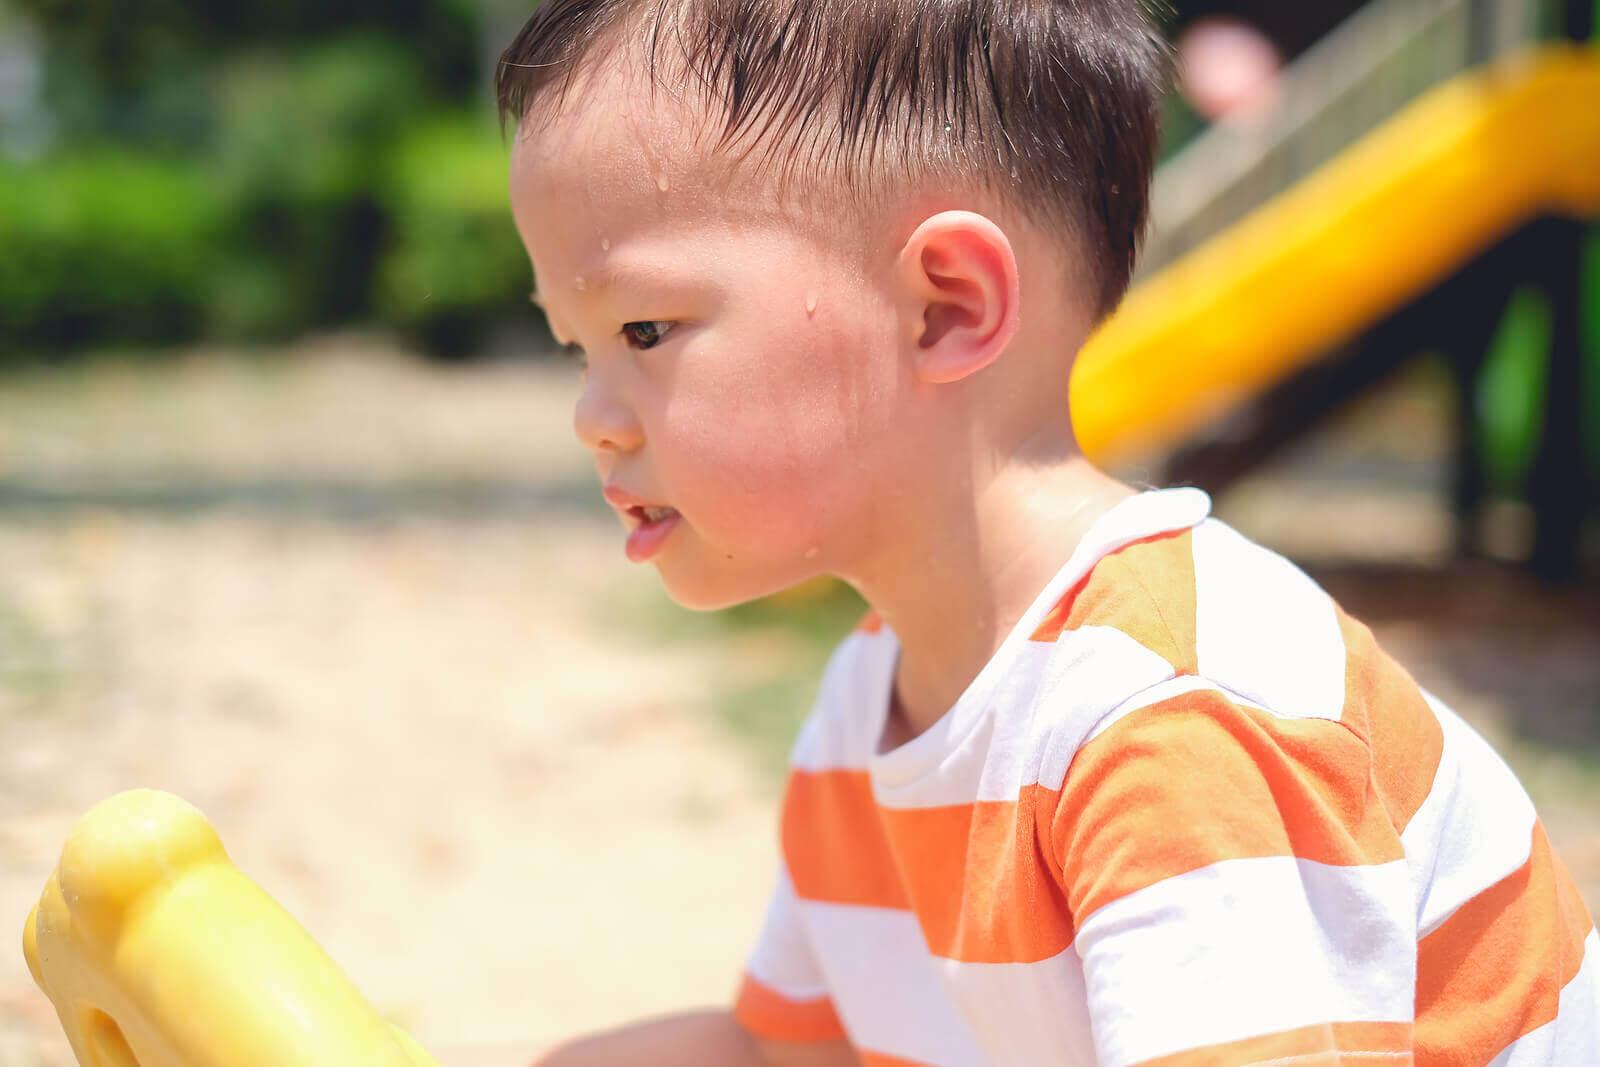 Pojke svettas mycket för att han leker i solen.